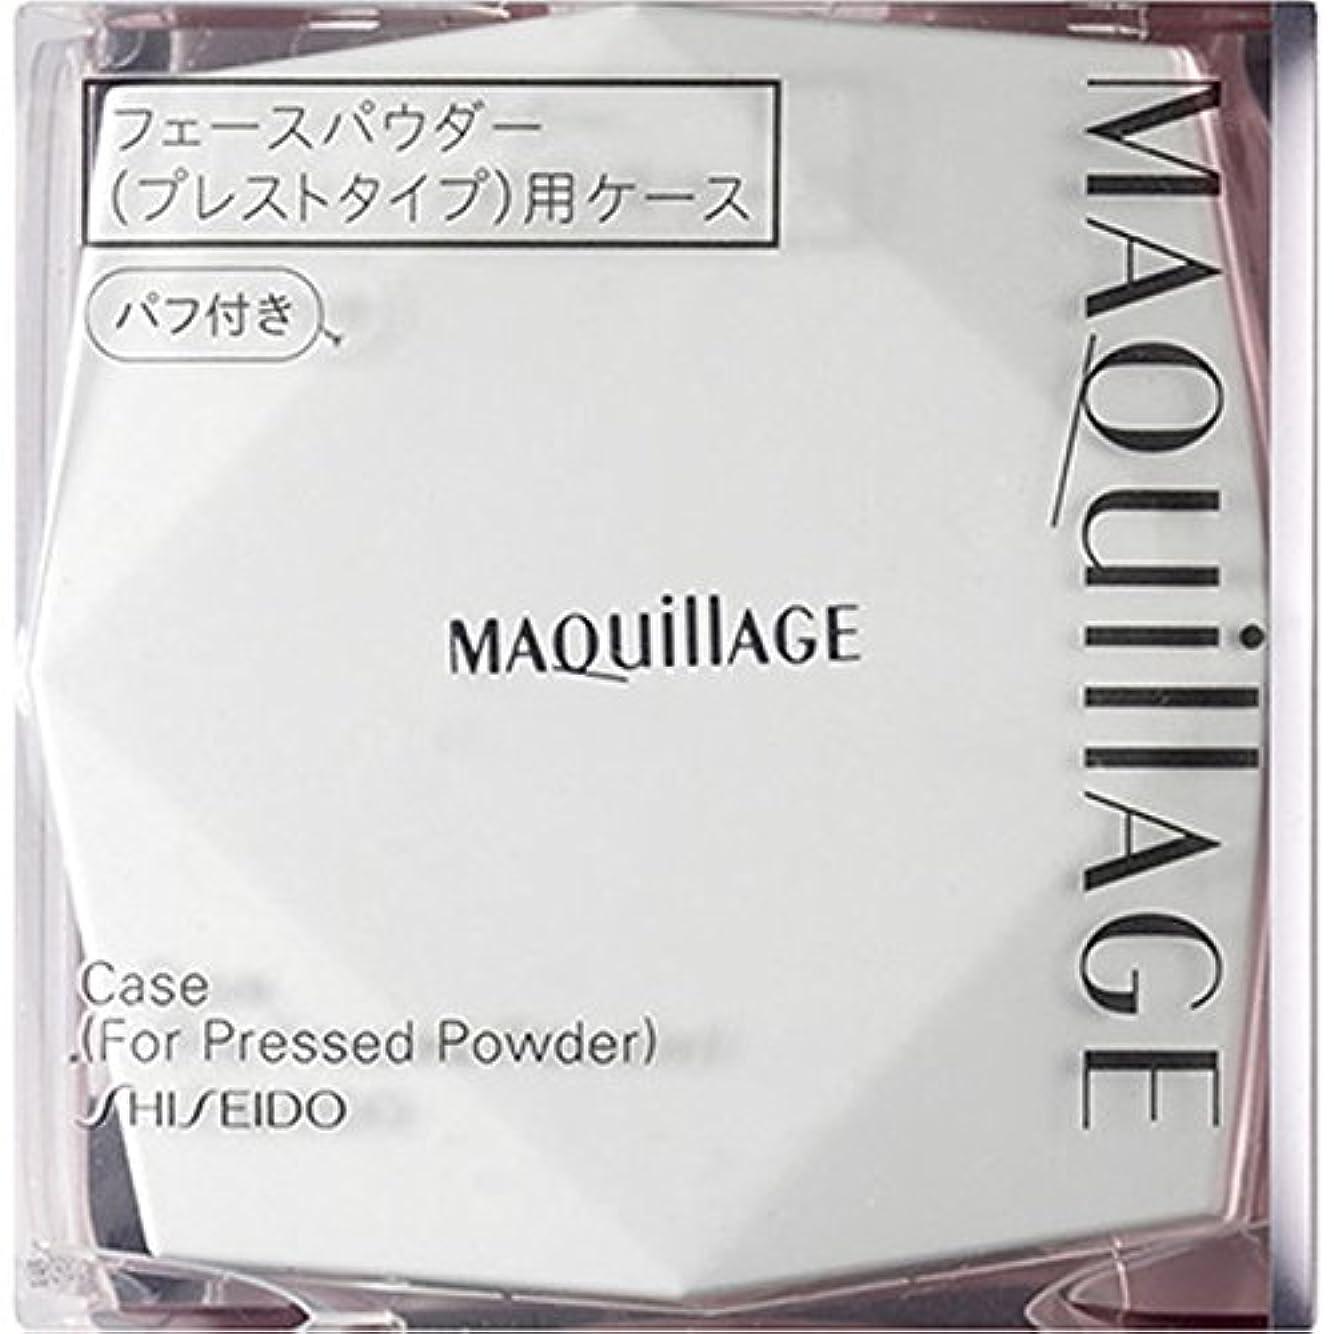 白雪姫オープナースリラー資生堂 マキアージュ MAQuillAGE プレストパウダー用ケース